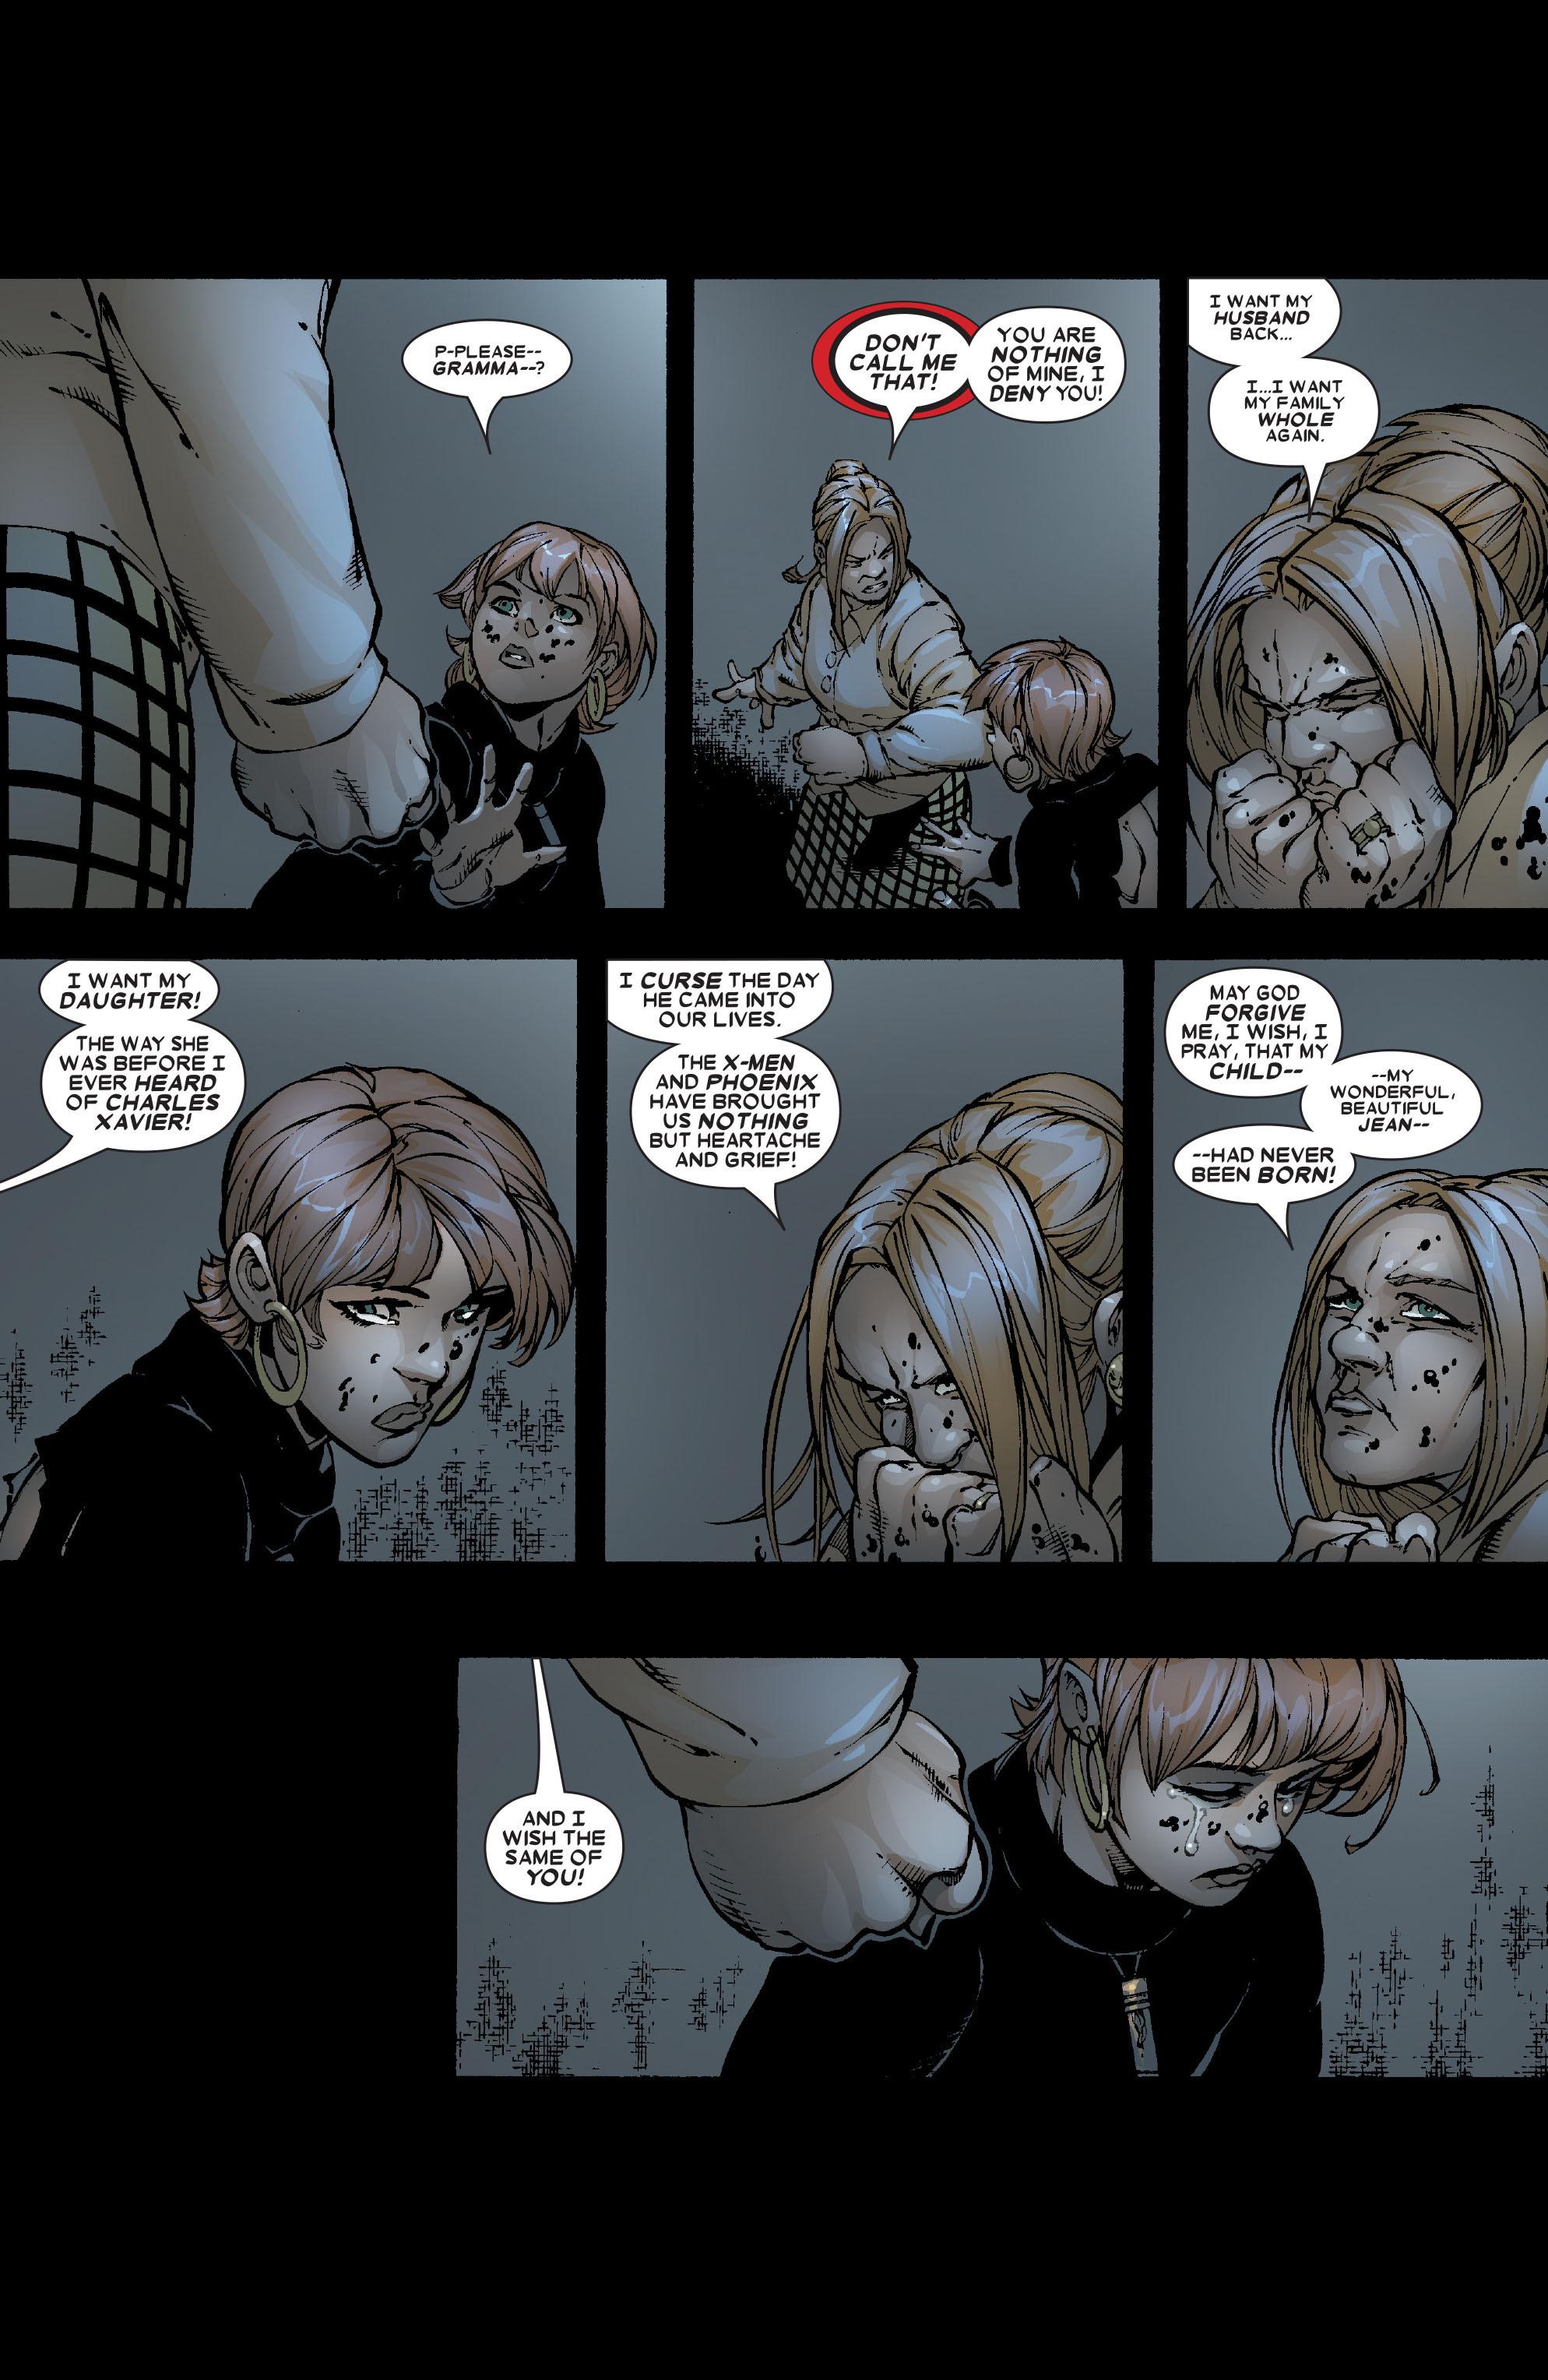 Read online Uncanny X-Men (1963) comic -  Issue #468 - 10